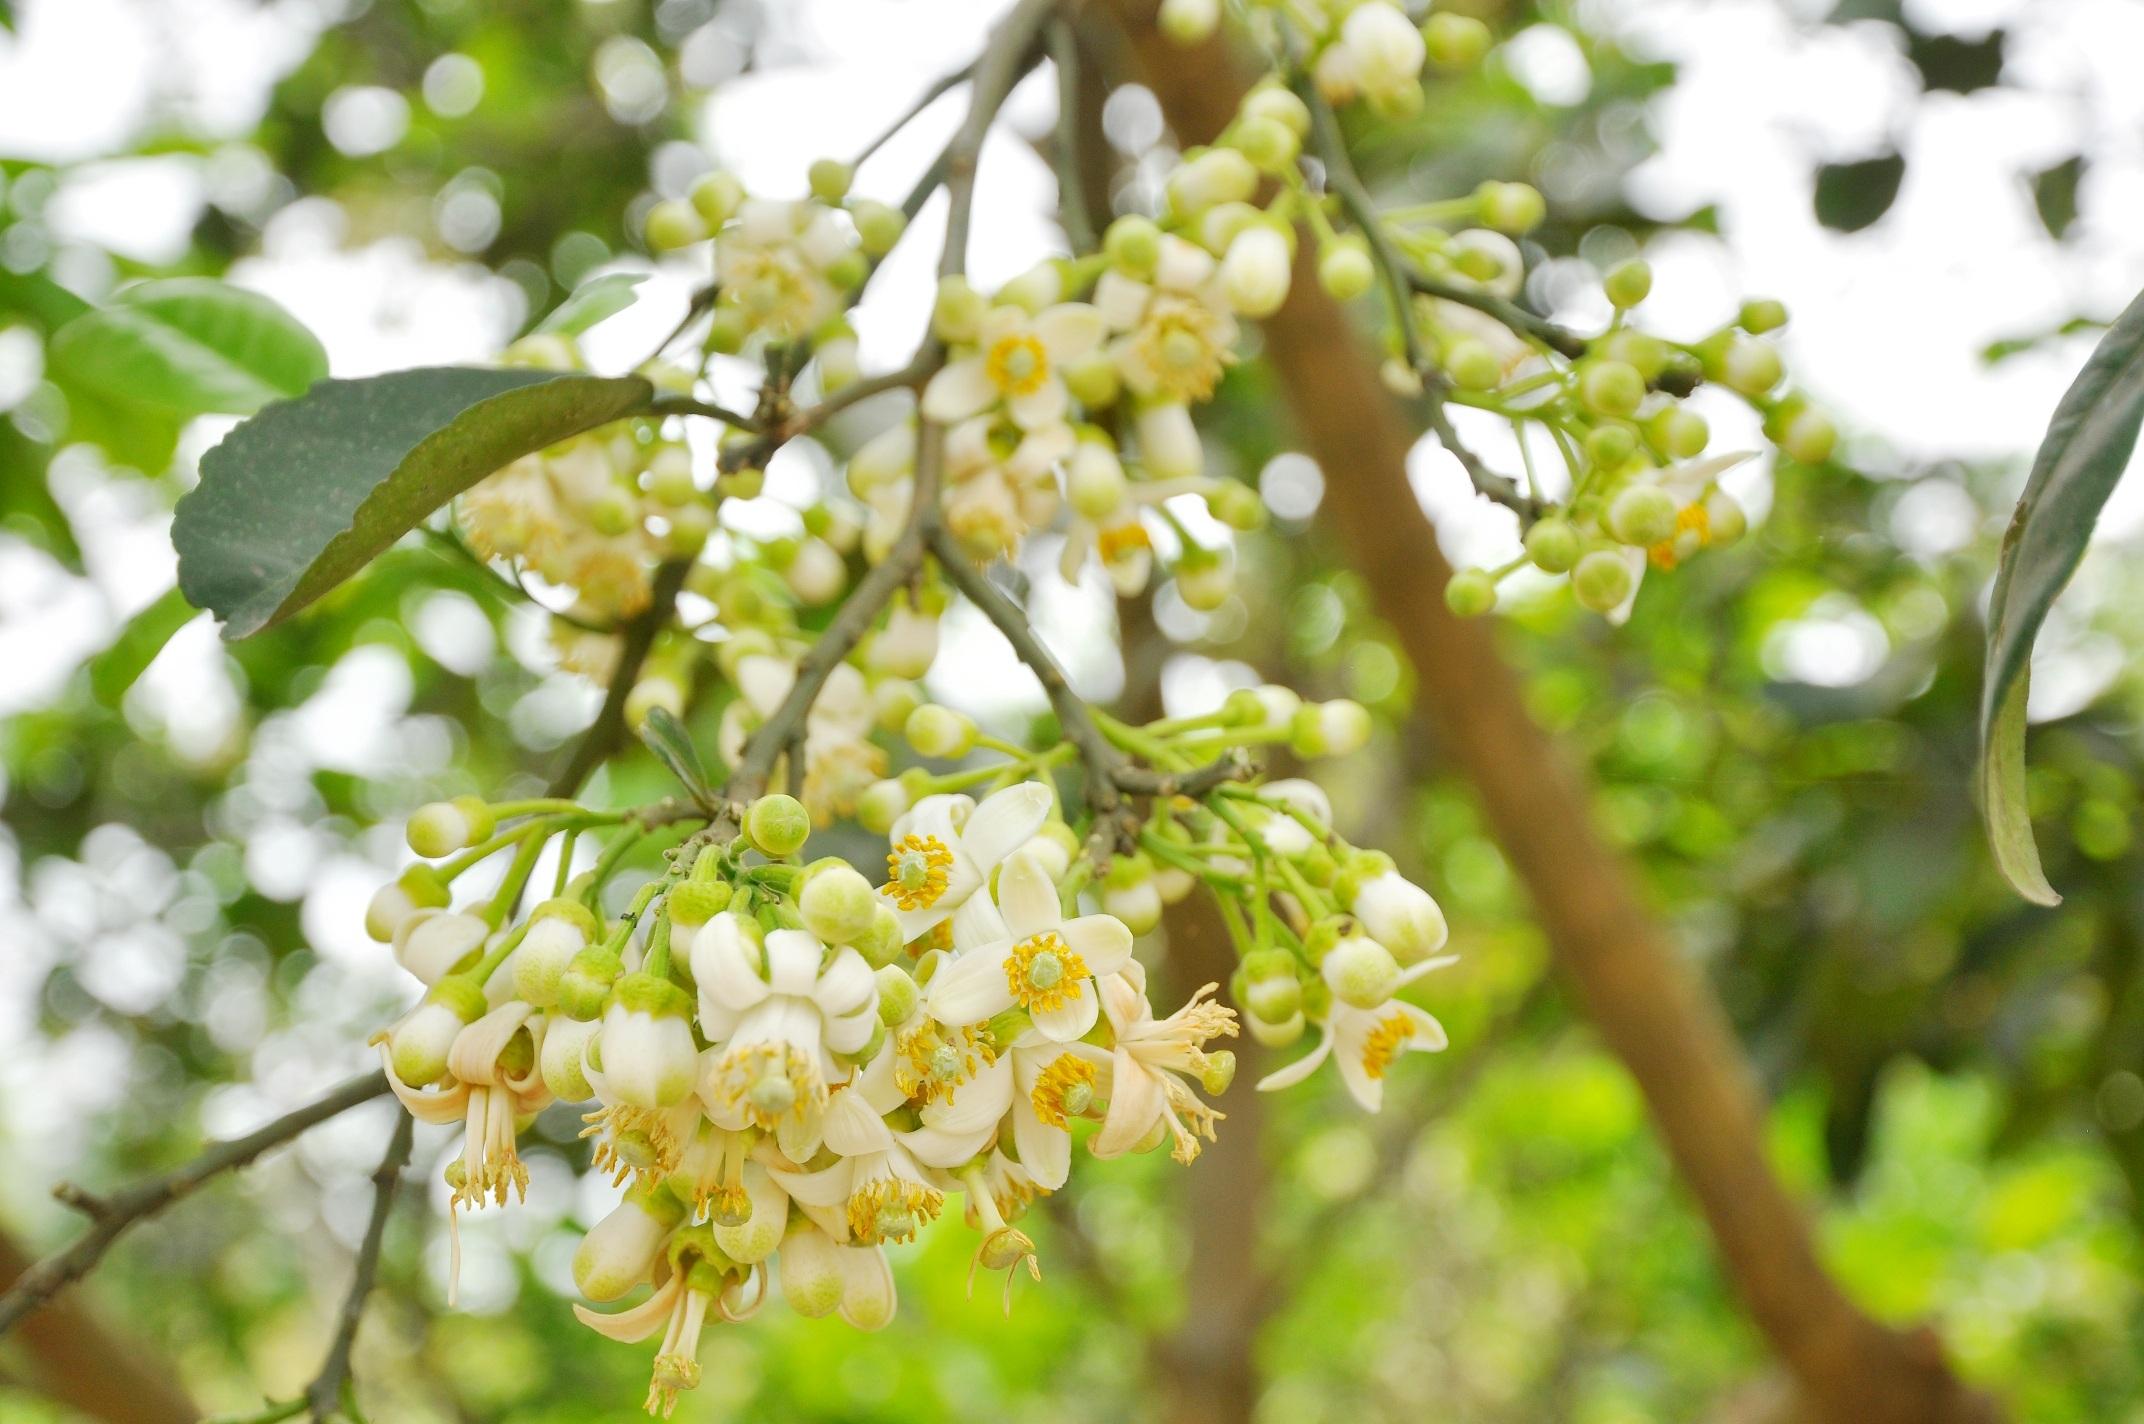 Mùa hoa bưởi về cũng là thời điểm chuyển giao giữa tháng, kết thúc cái se se lạnh của mùa xuân và báo hiệu mùa hè sắp về